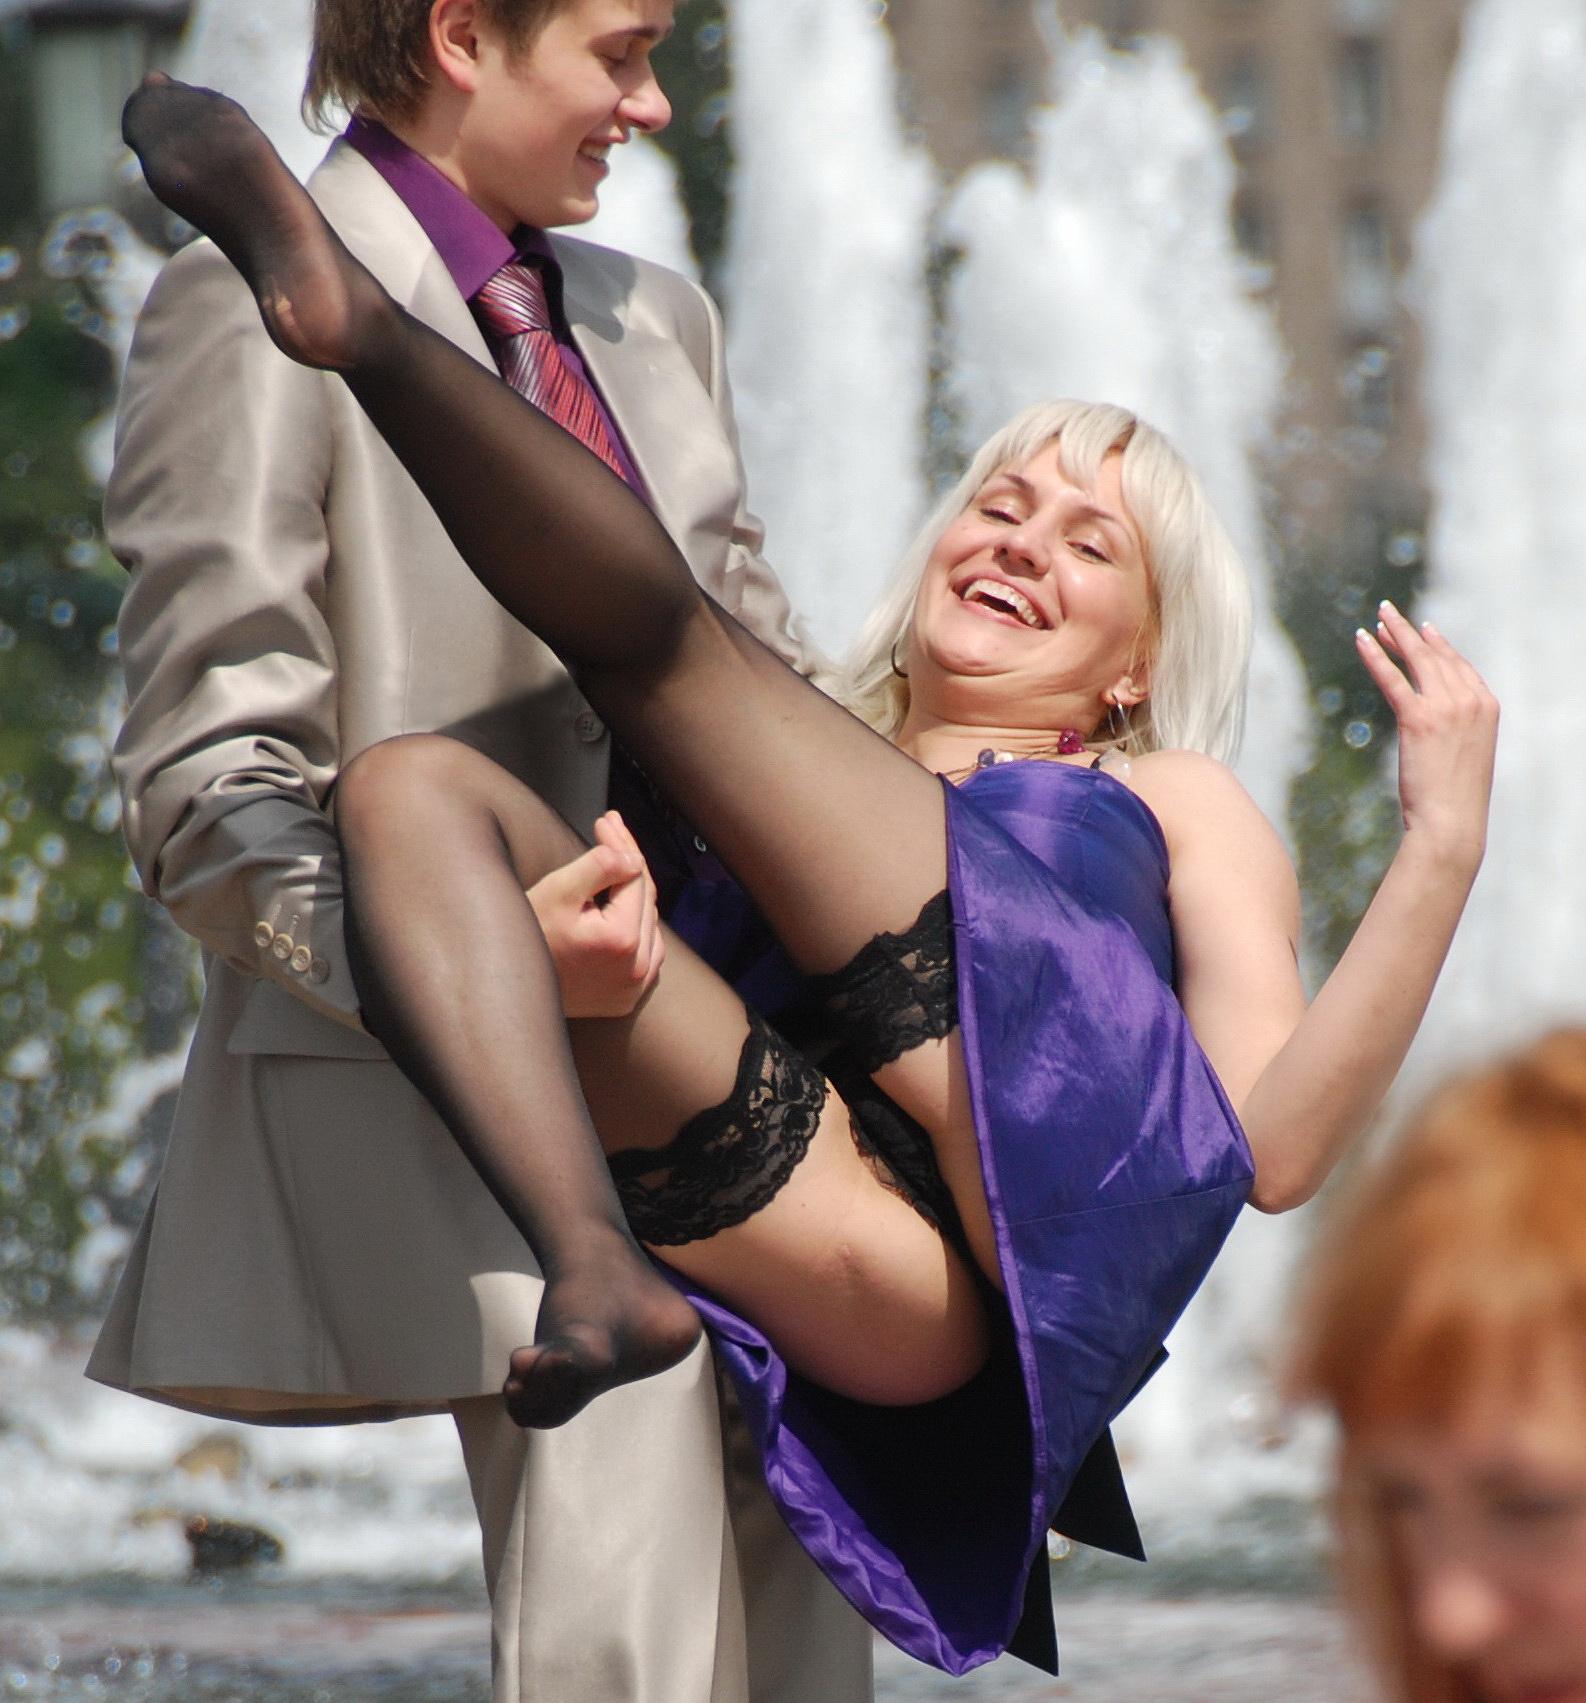 Блондинка в черных чулках засветила под юбкой кружевные трусики